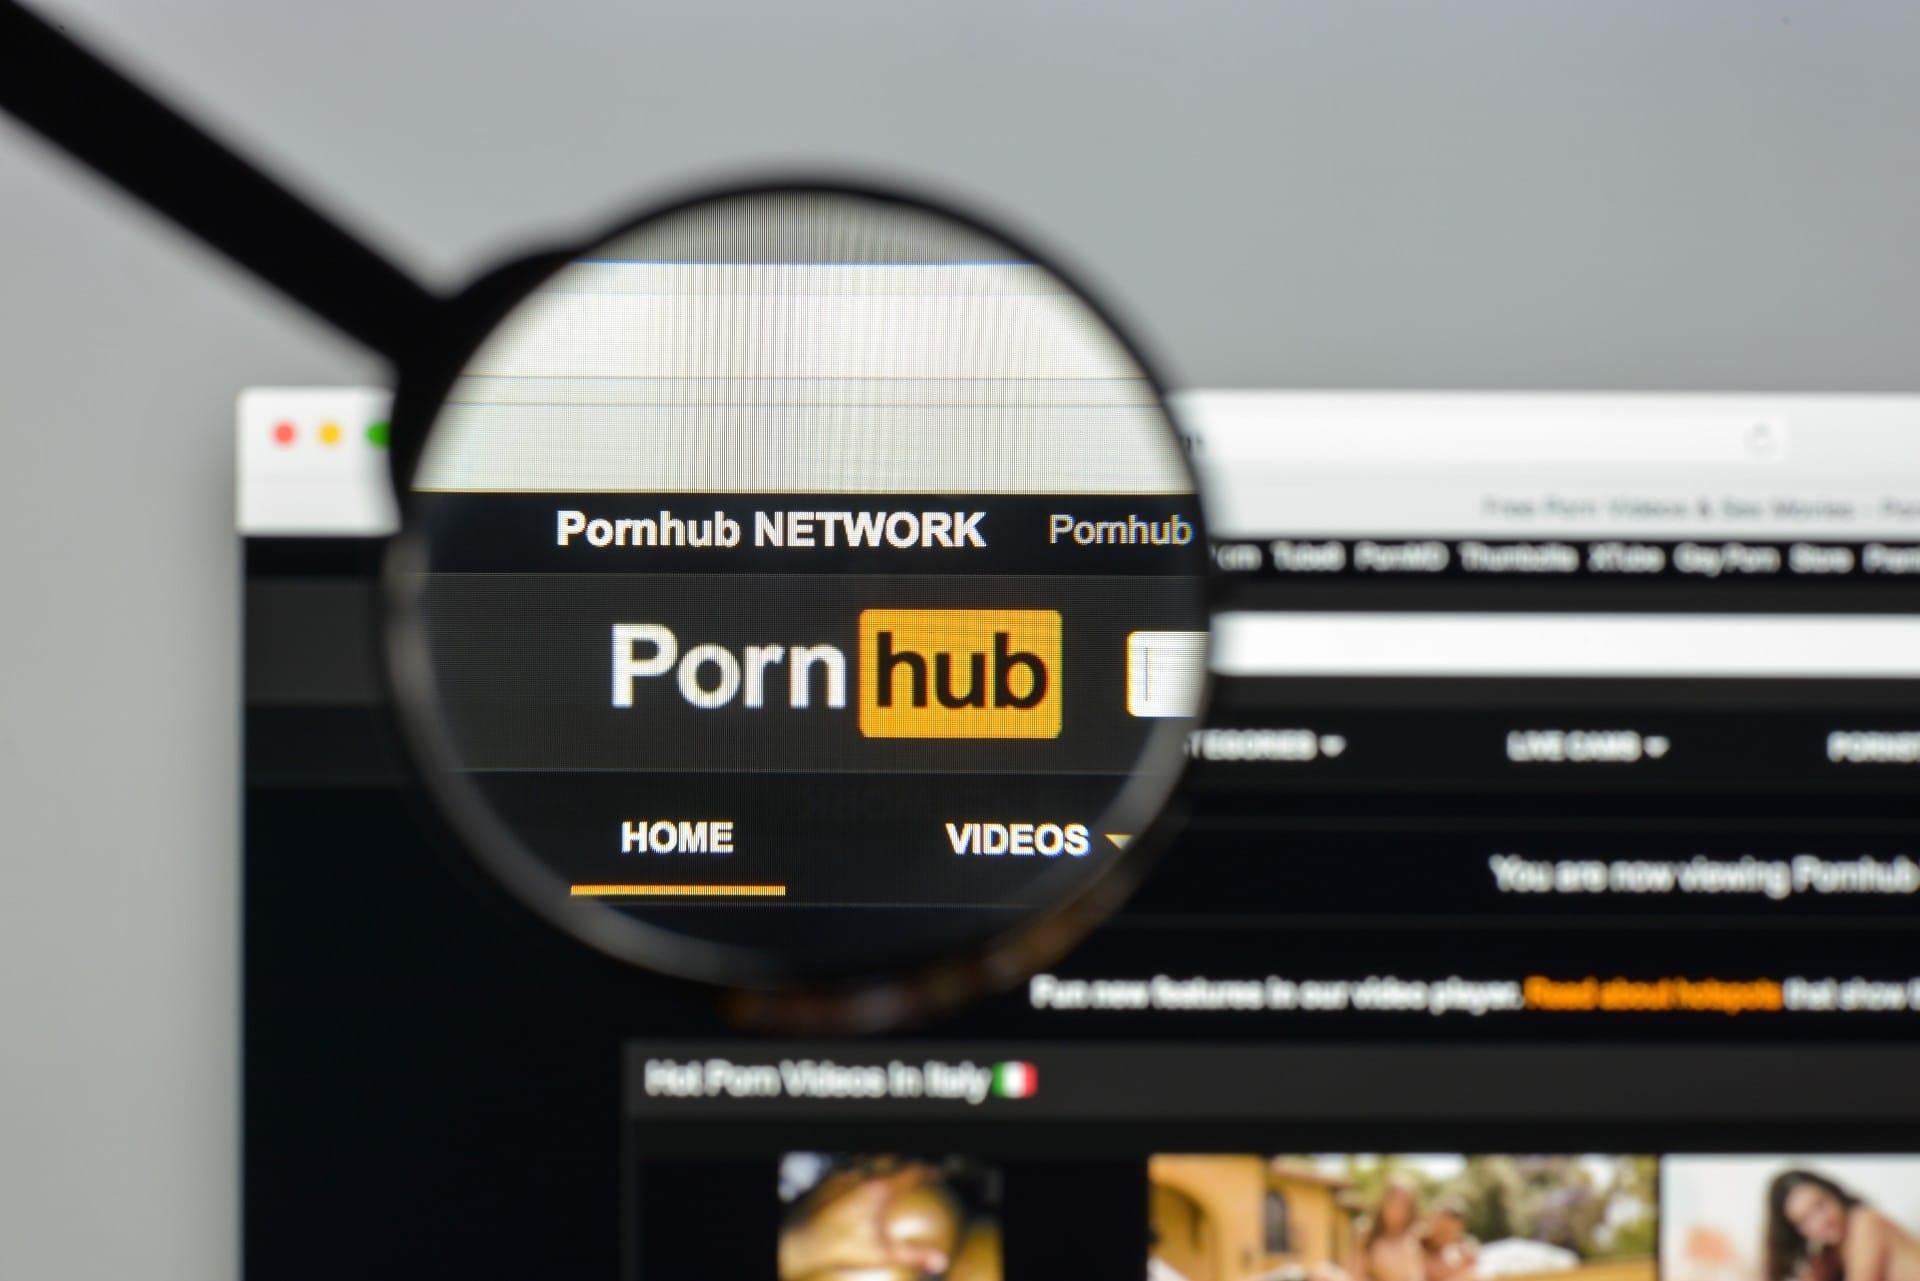 Pornhub pone más sistemas de seguridad en su website: autenticará con tecnología biométrica a quienes suban videos